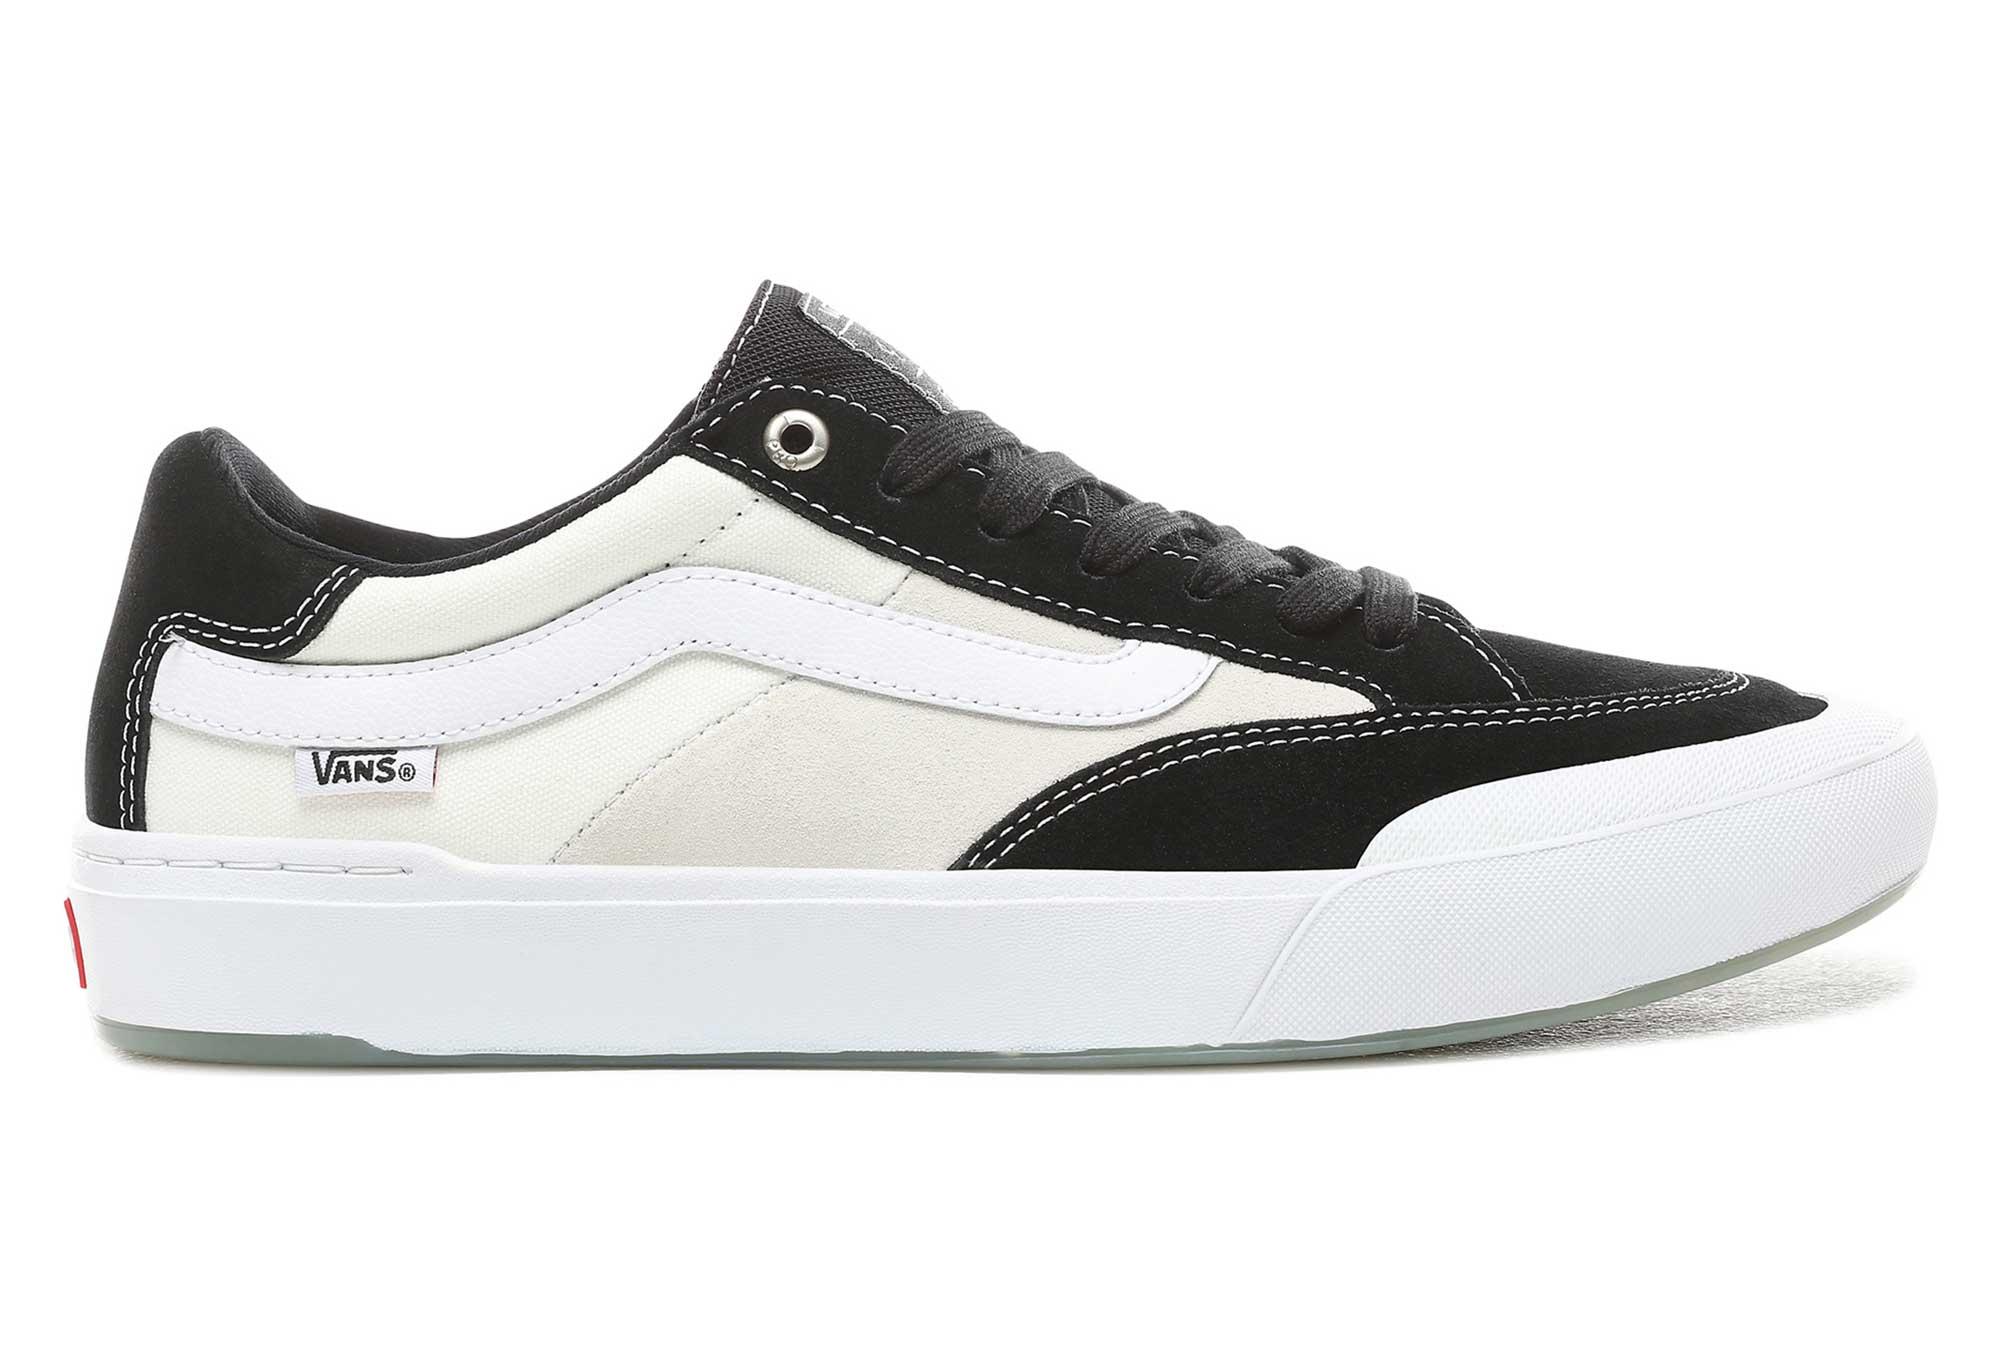 Vans Berle Pro Shoes Black White